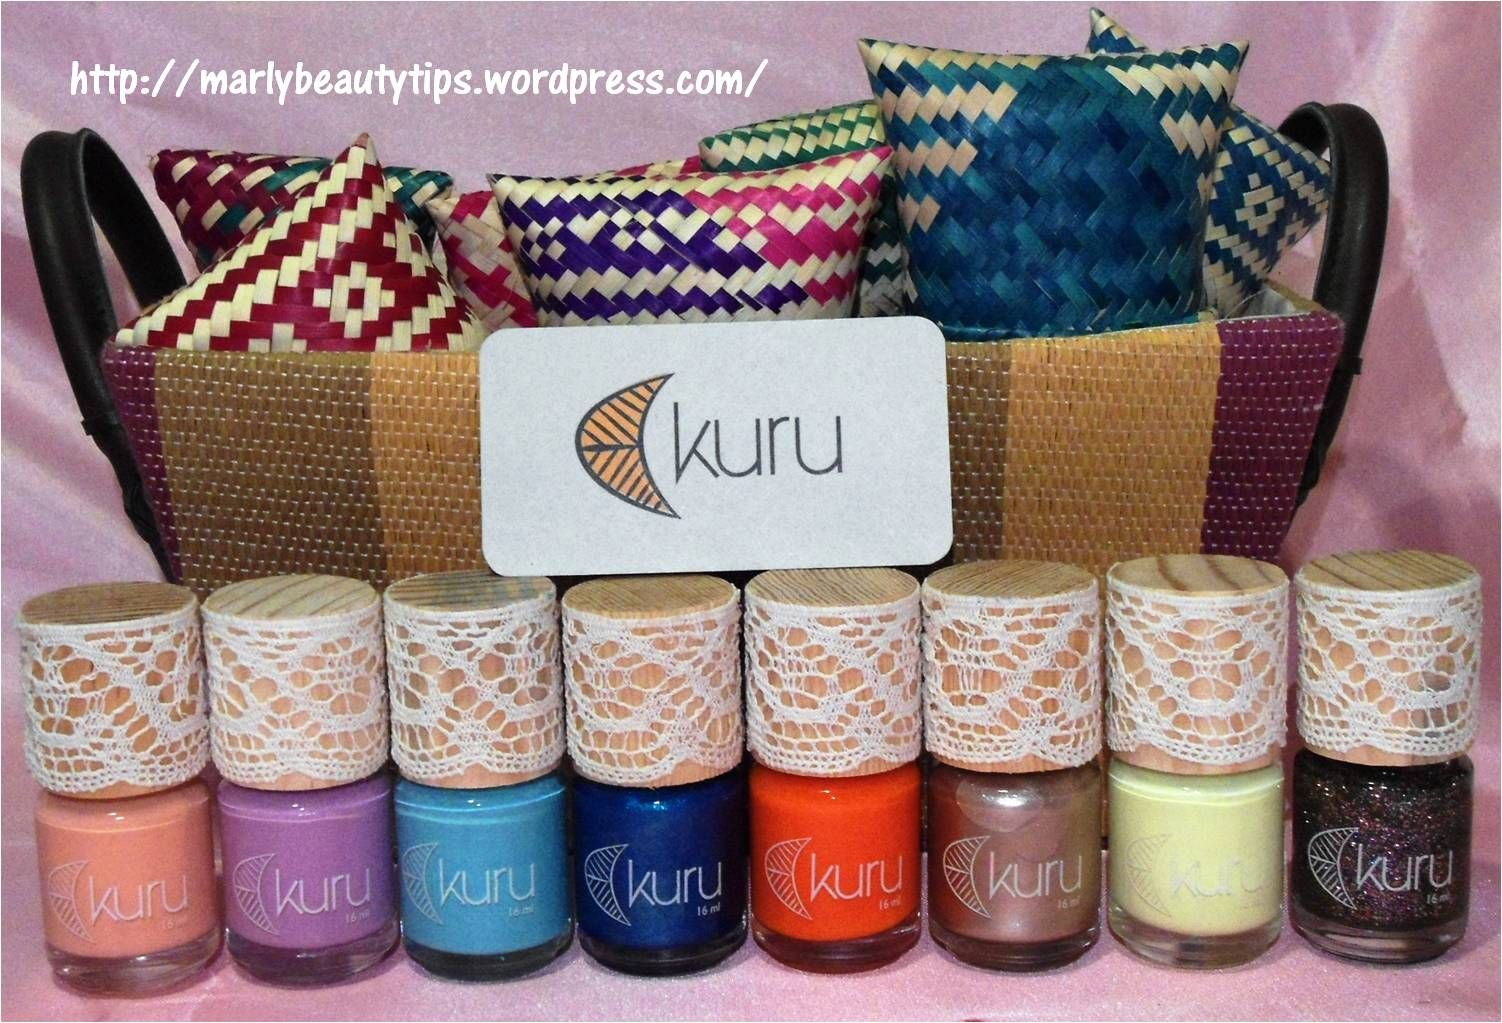 ¿Kuru? ¿No los conoces? ¡Pues te los presento! Estos esmaltes son MEXICANOS, hechos a mano con pigmentos orgánicos y colores que puedes usar en todas las temporadas. Da click para ampliar la imagen...